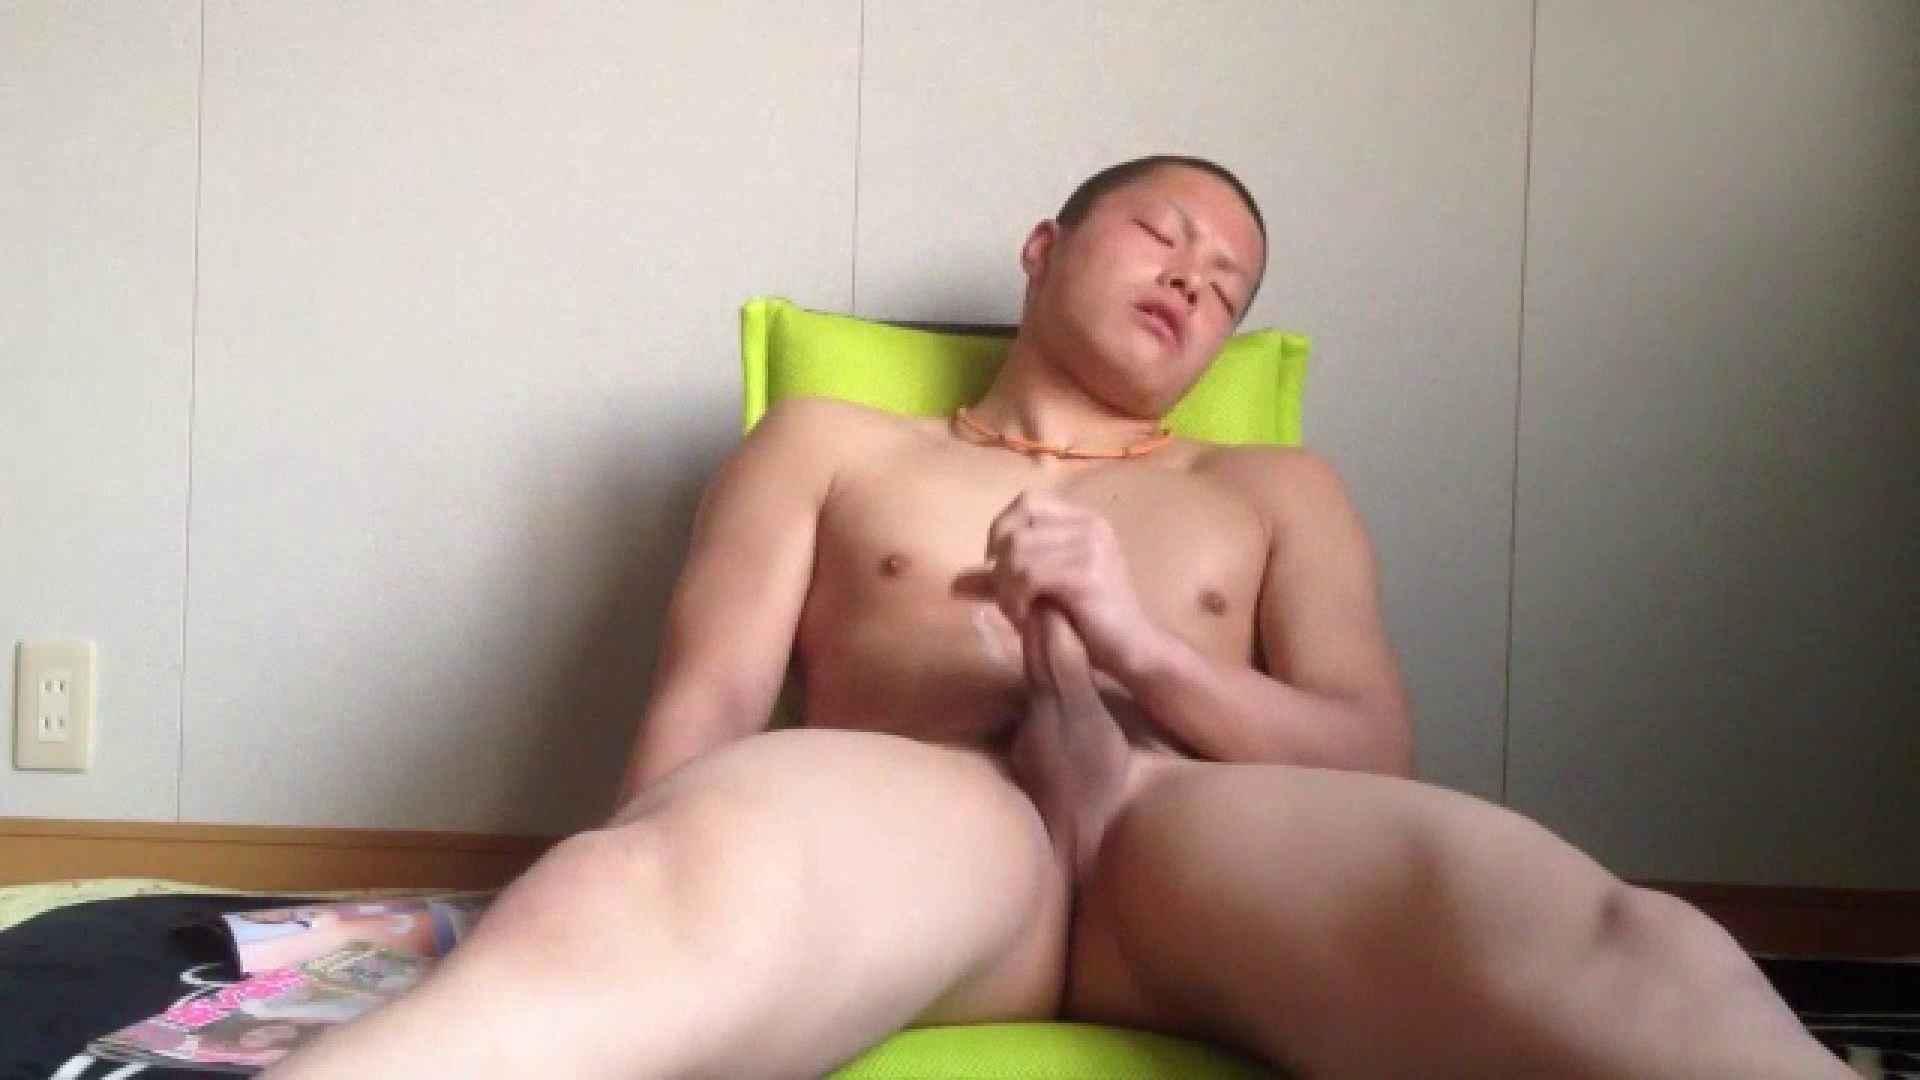 俺の新鮮なミルクはいかが? Vol.11 男天国 | オナニー特集  83pic 49